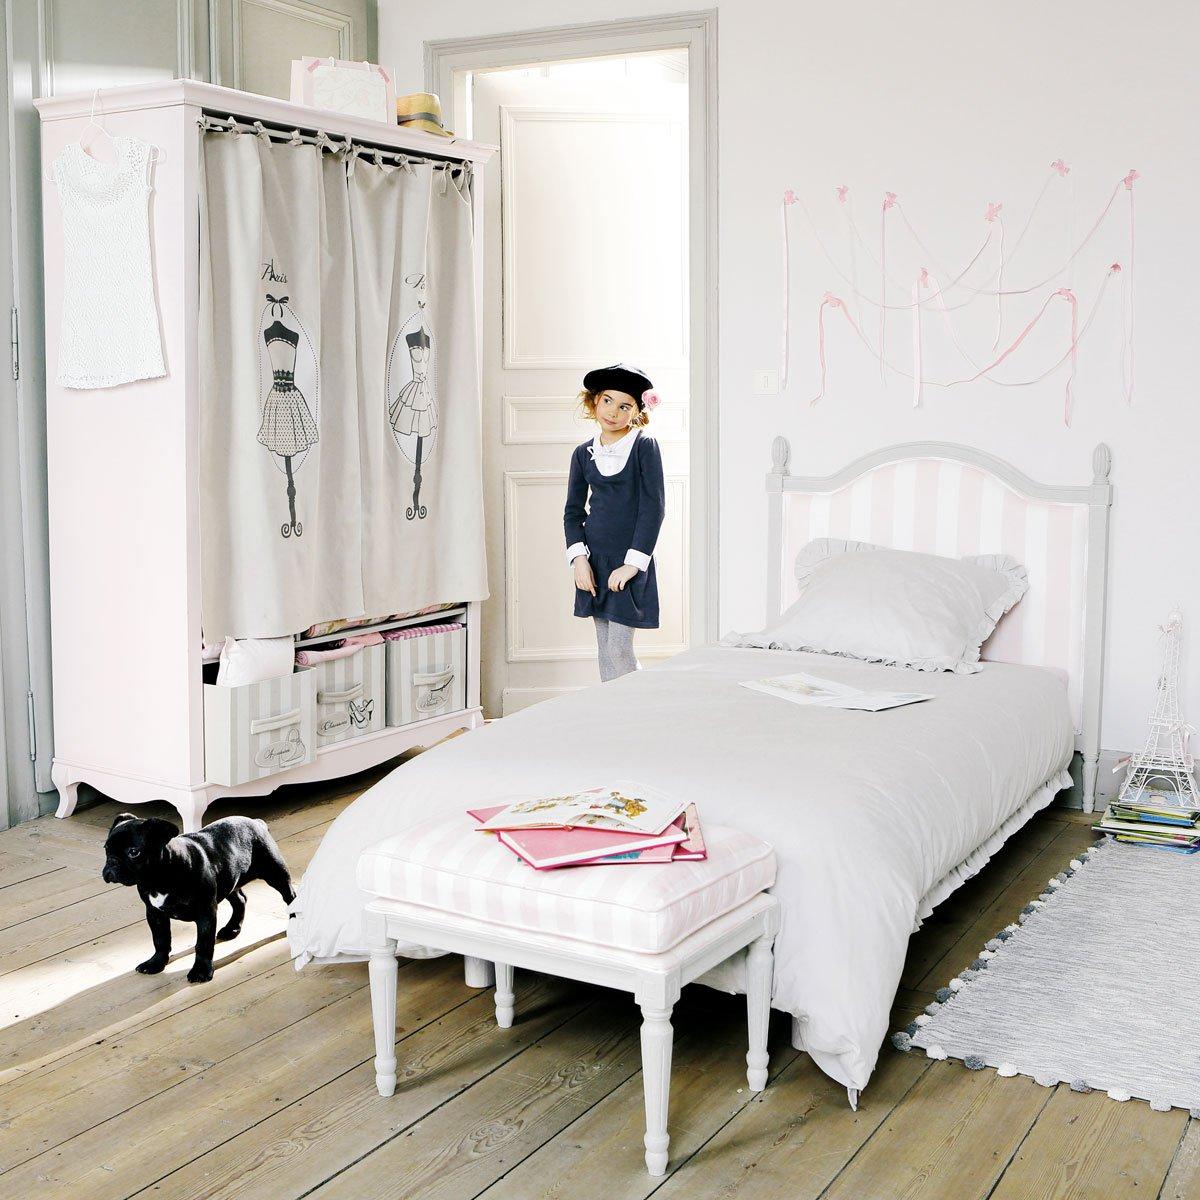 maison du lit paris la maison du convertible paris pour voir les autres produits dcouvrez notre. Black Bedroom Furniture Sets. Home Design Ideas